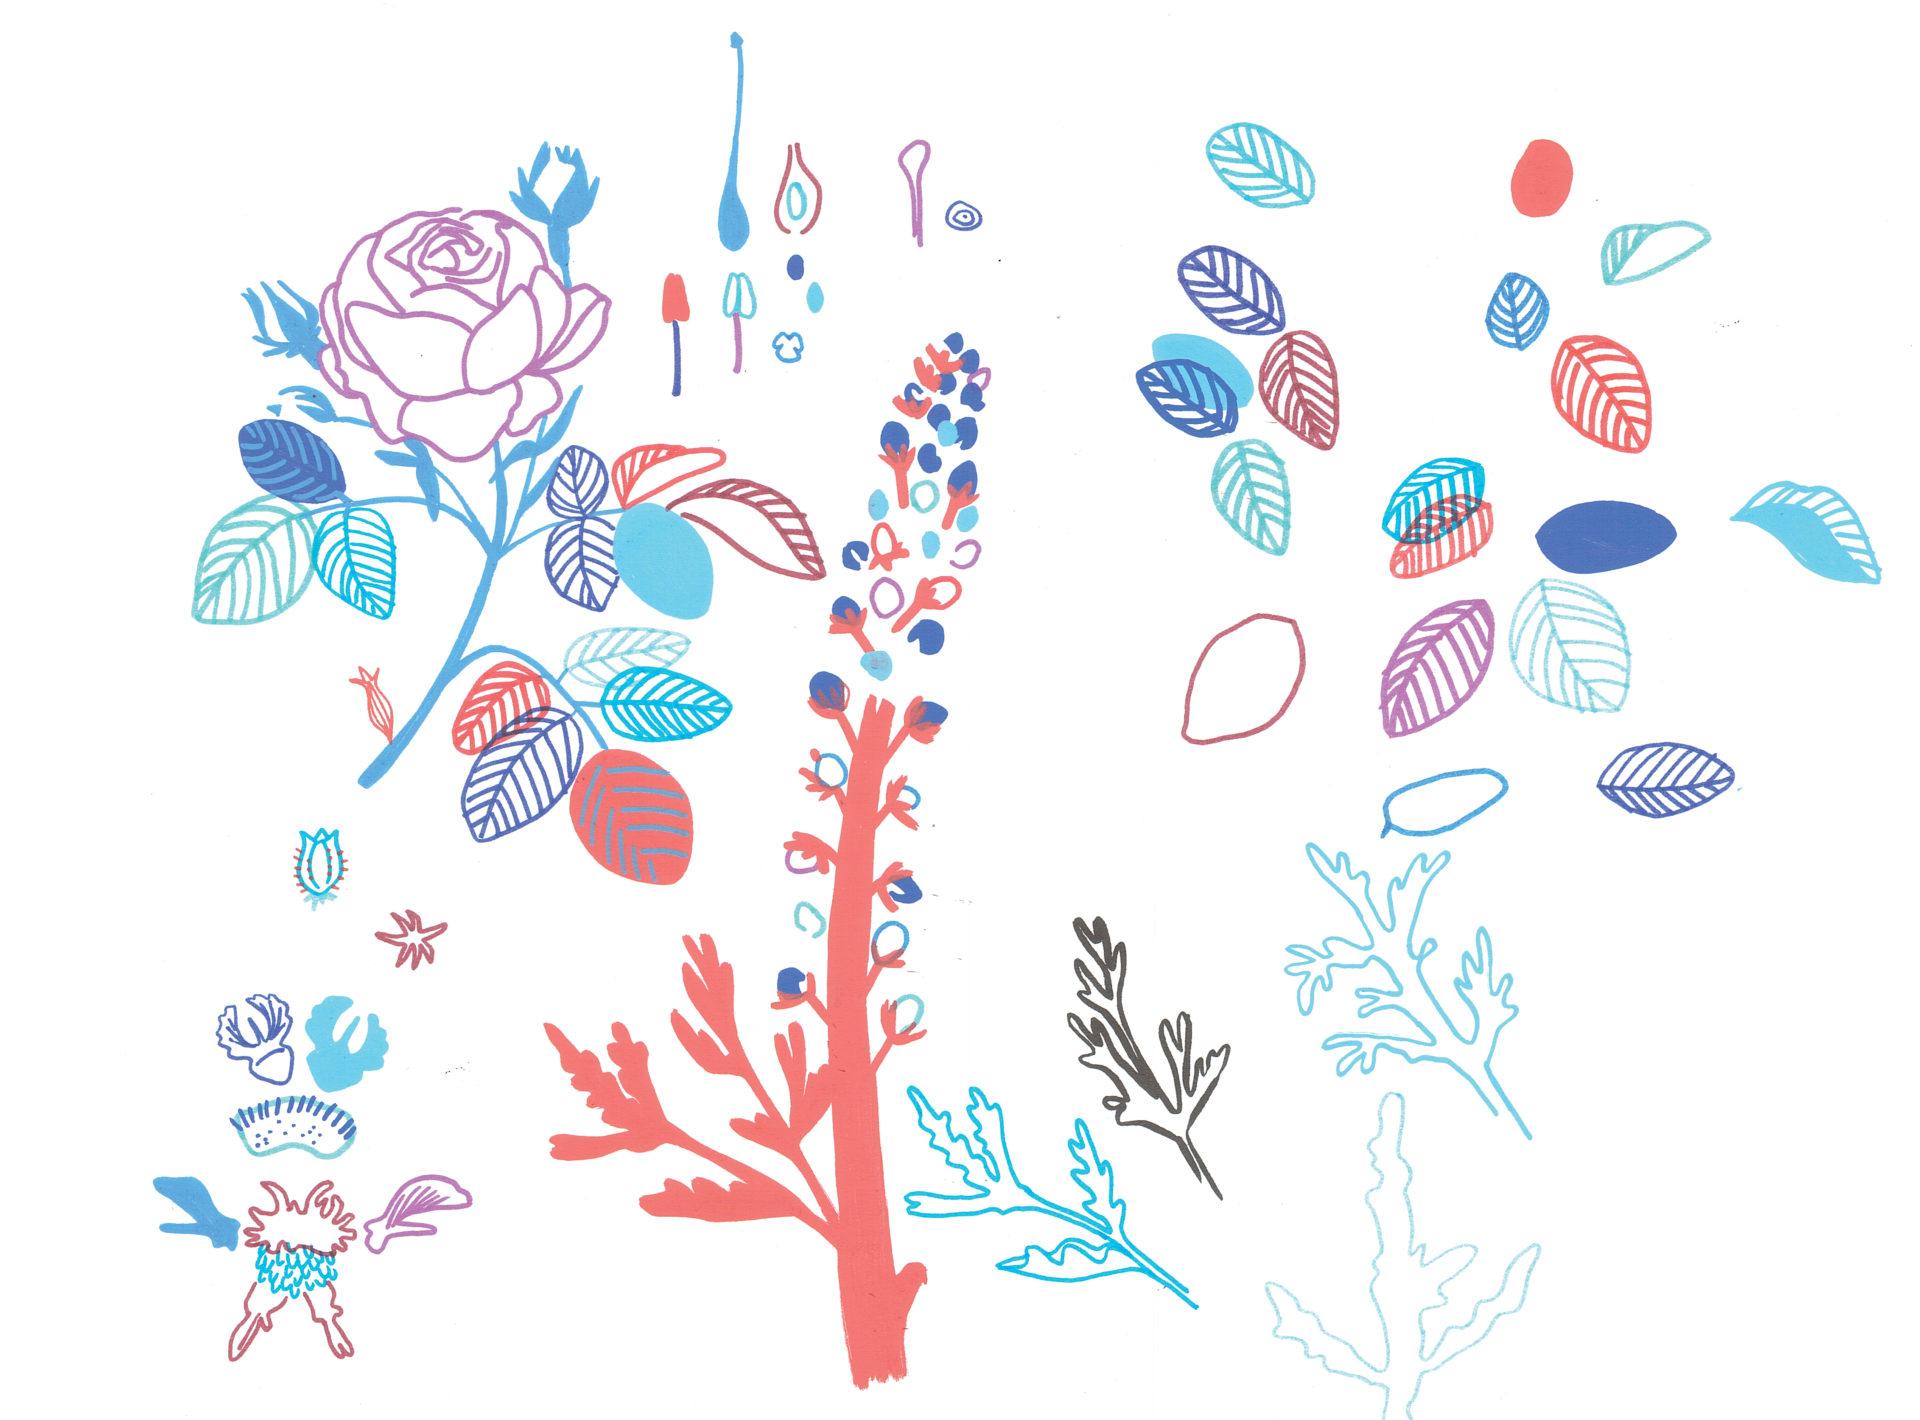 La Diane française illustration camille de cussac